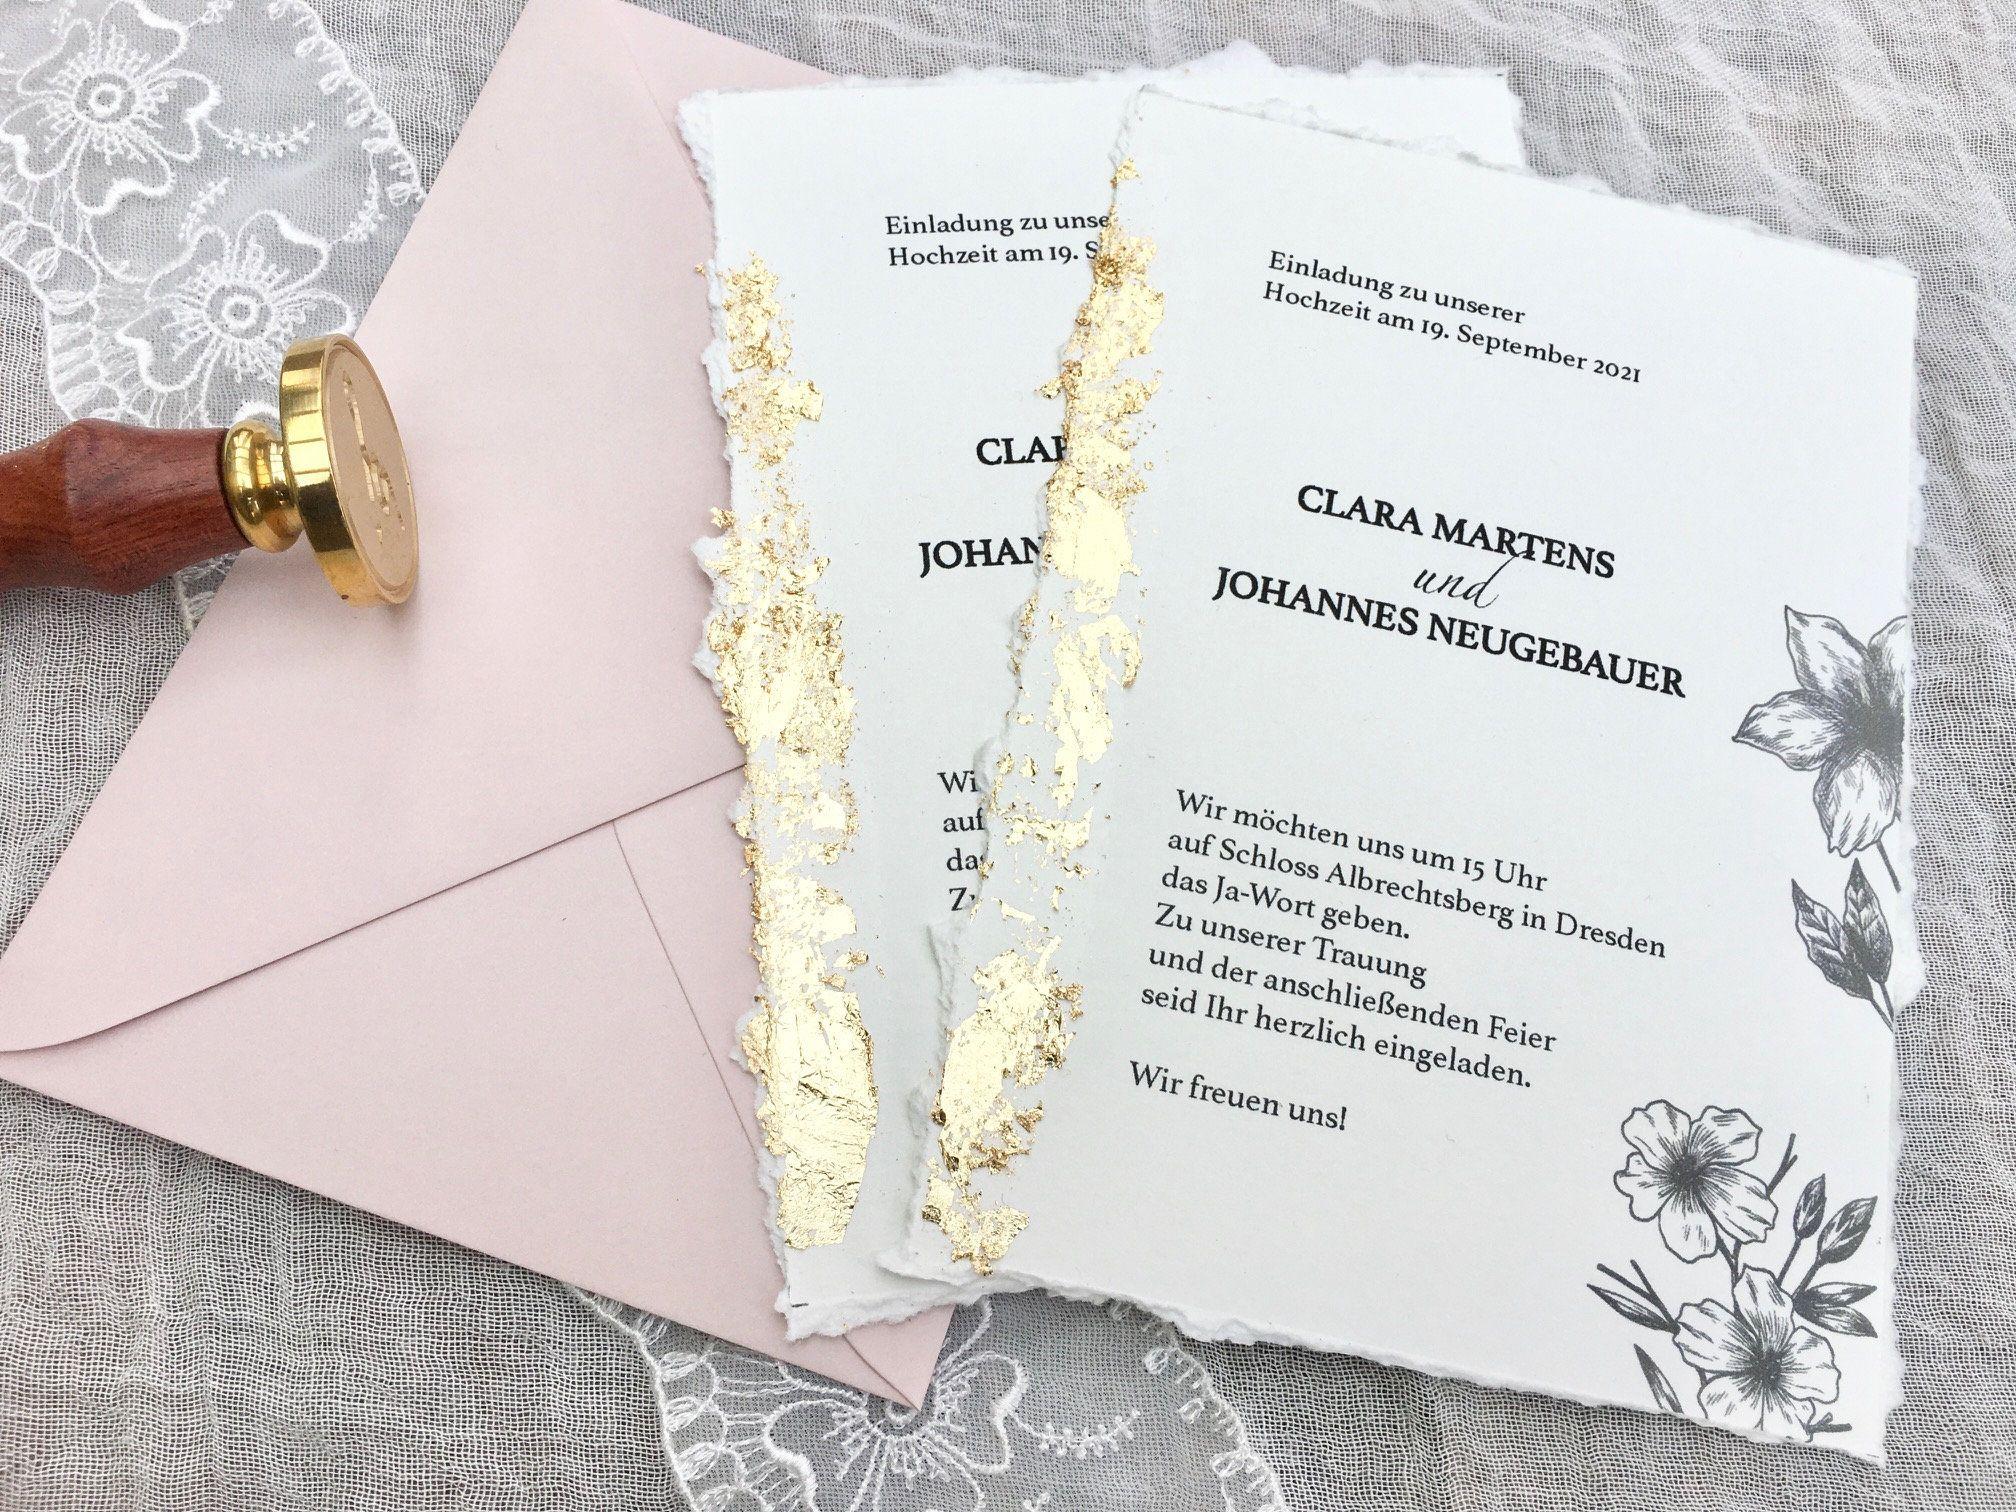 Hochzeitskarte mit Blattgold, Hochzeitseinladung, Einladung zur Hochzeit, weddingcard, Einladungskarte zur Hochzeit, Büttenrand